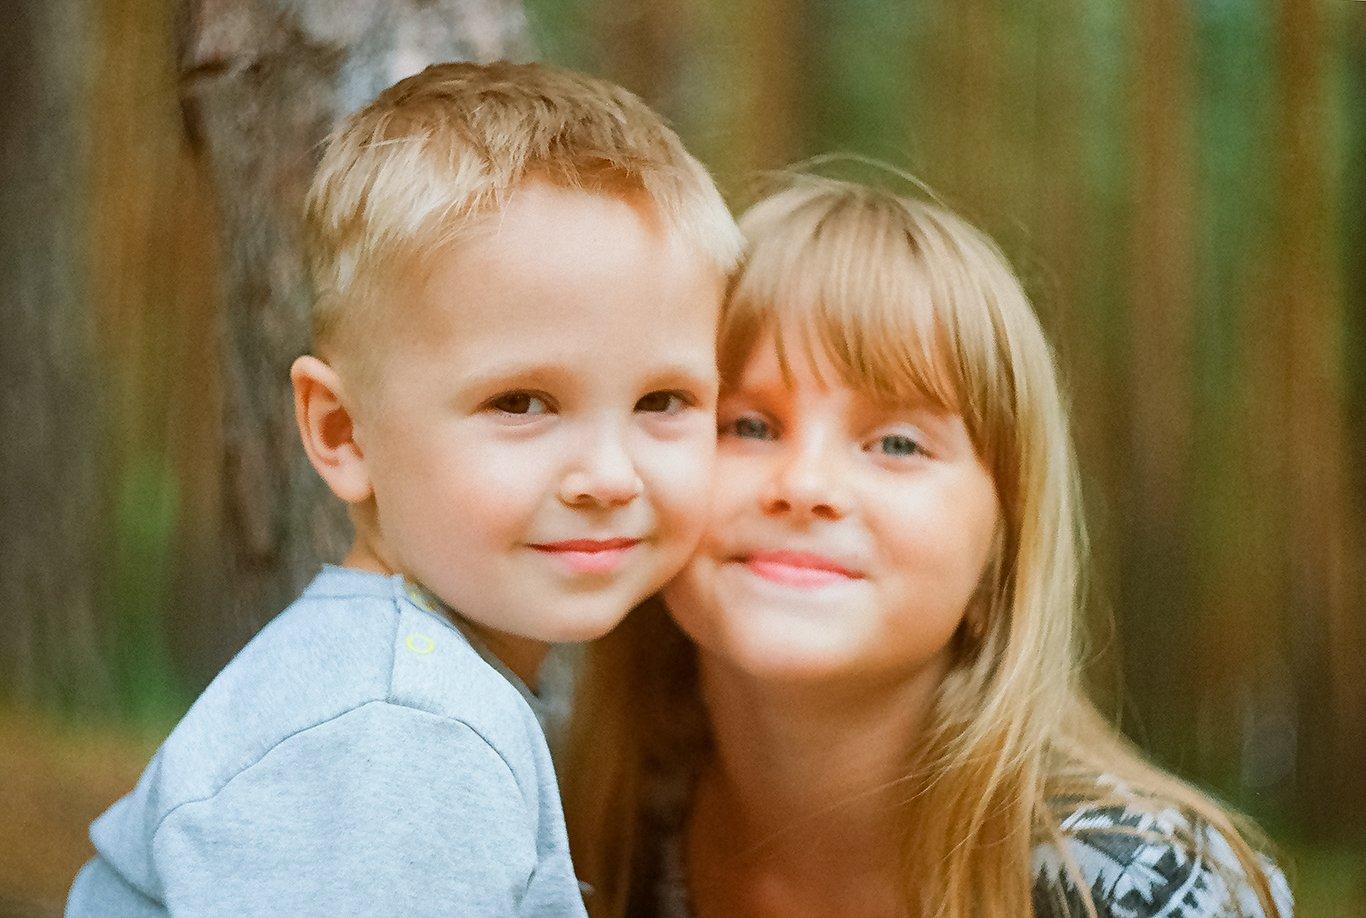 Сестра попросила брата научить ее, Сестра заставила своего брата заняться с ней сексом 7 фотография